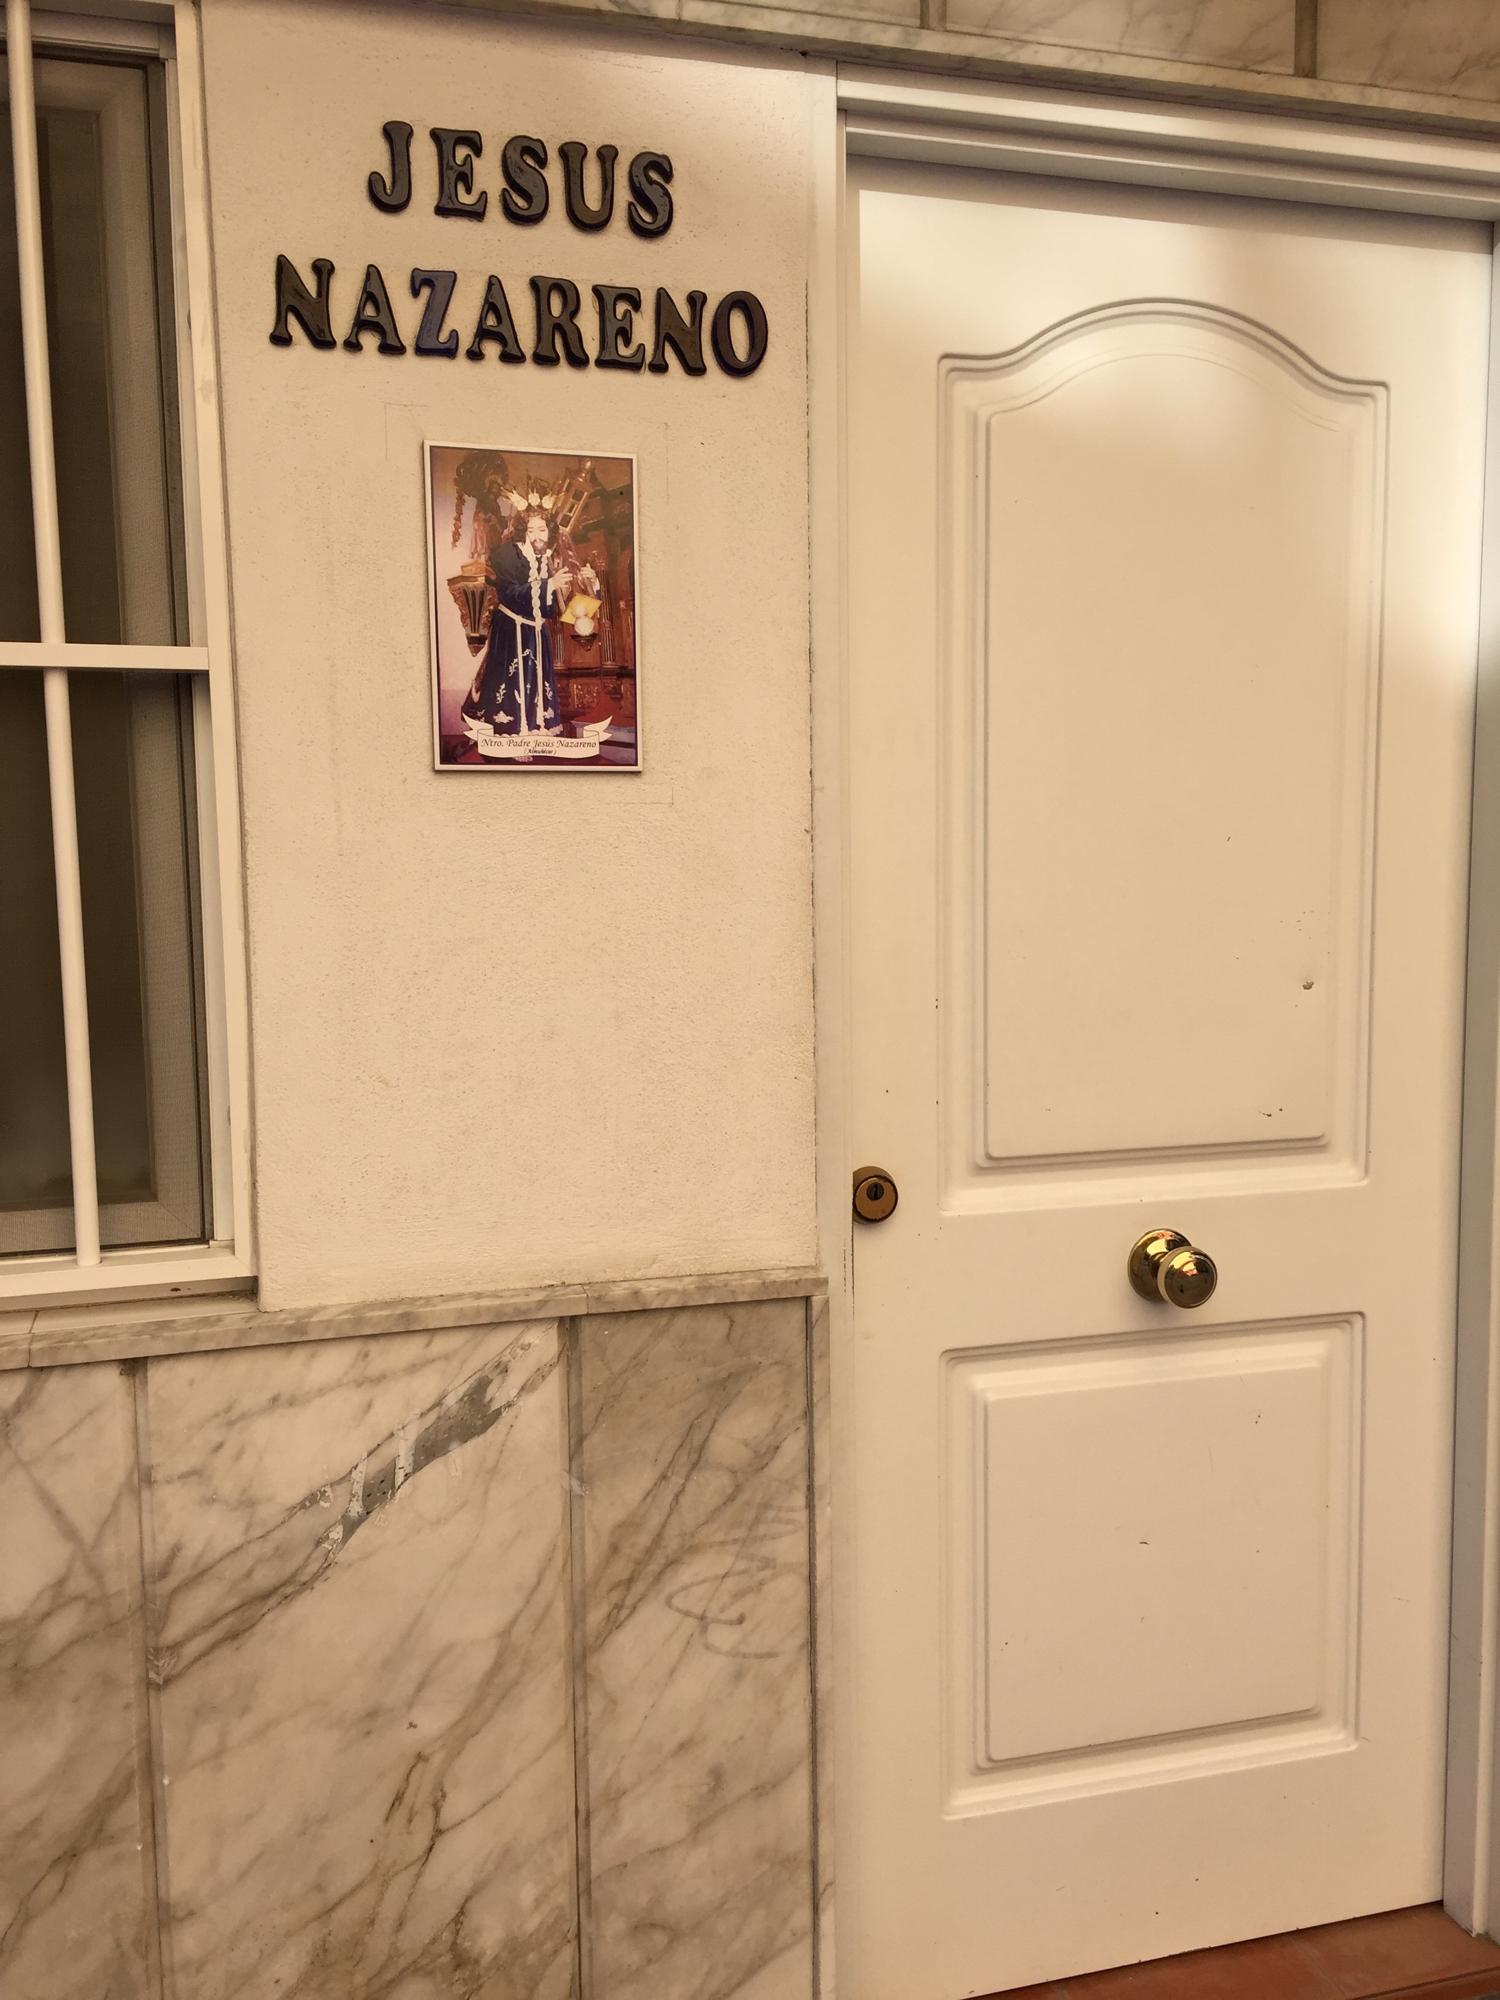 Dette var nytt for oss, at det var her i Almunecar i Spania han busette seg, Jesus frå Nazaret!